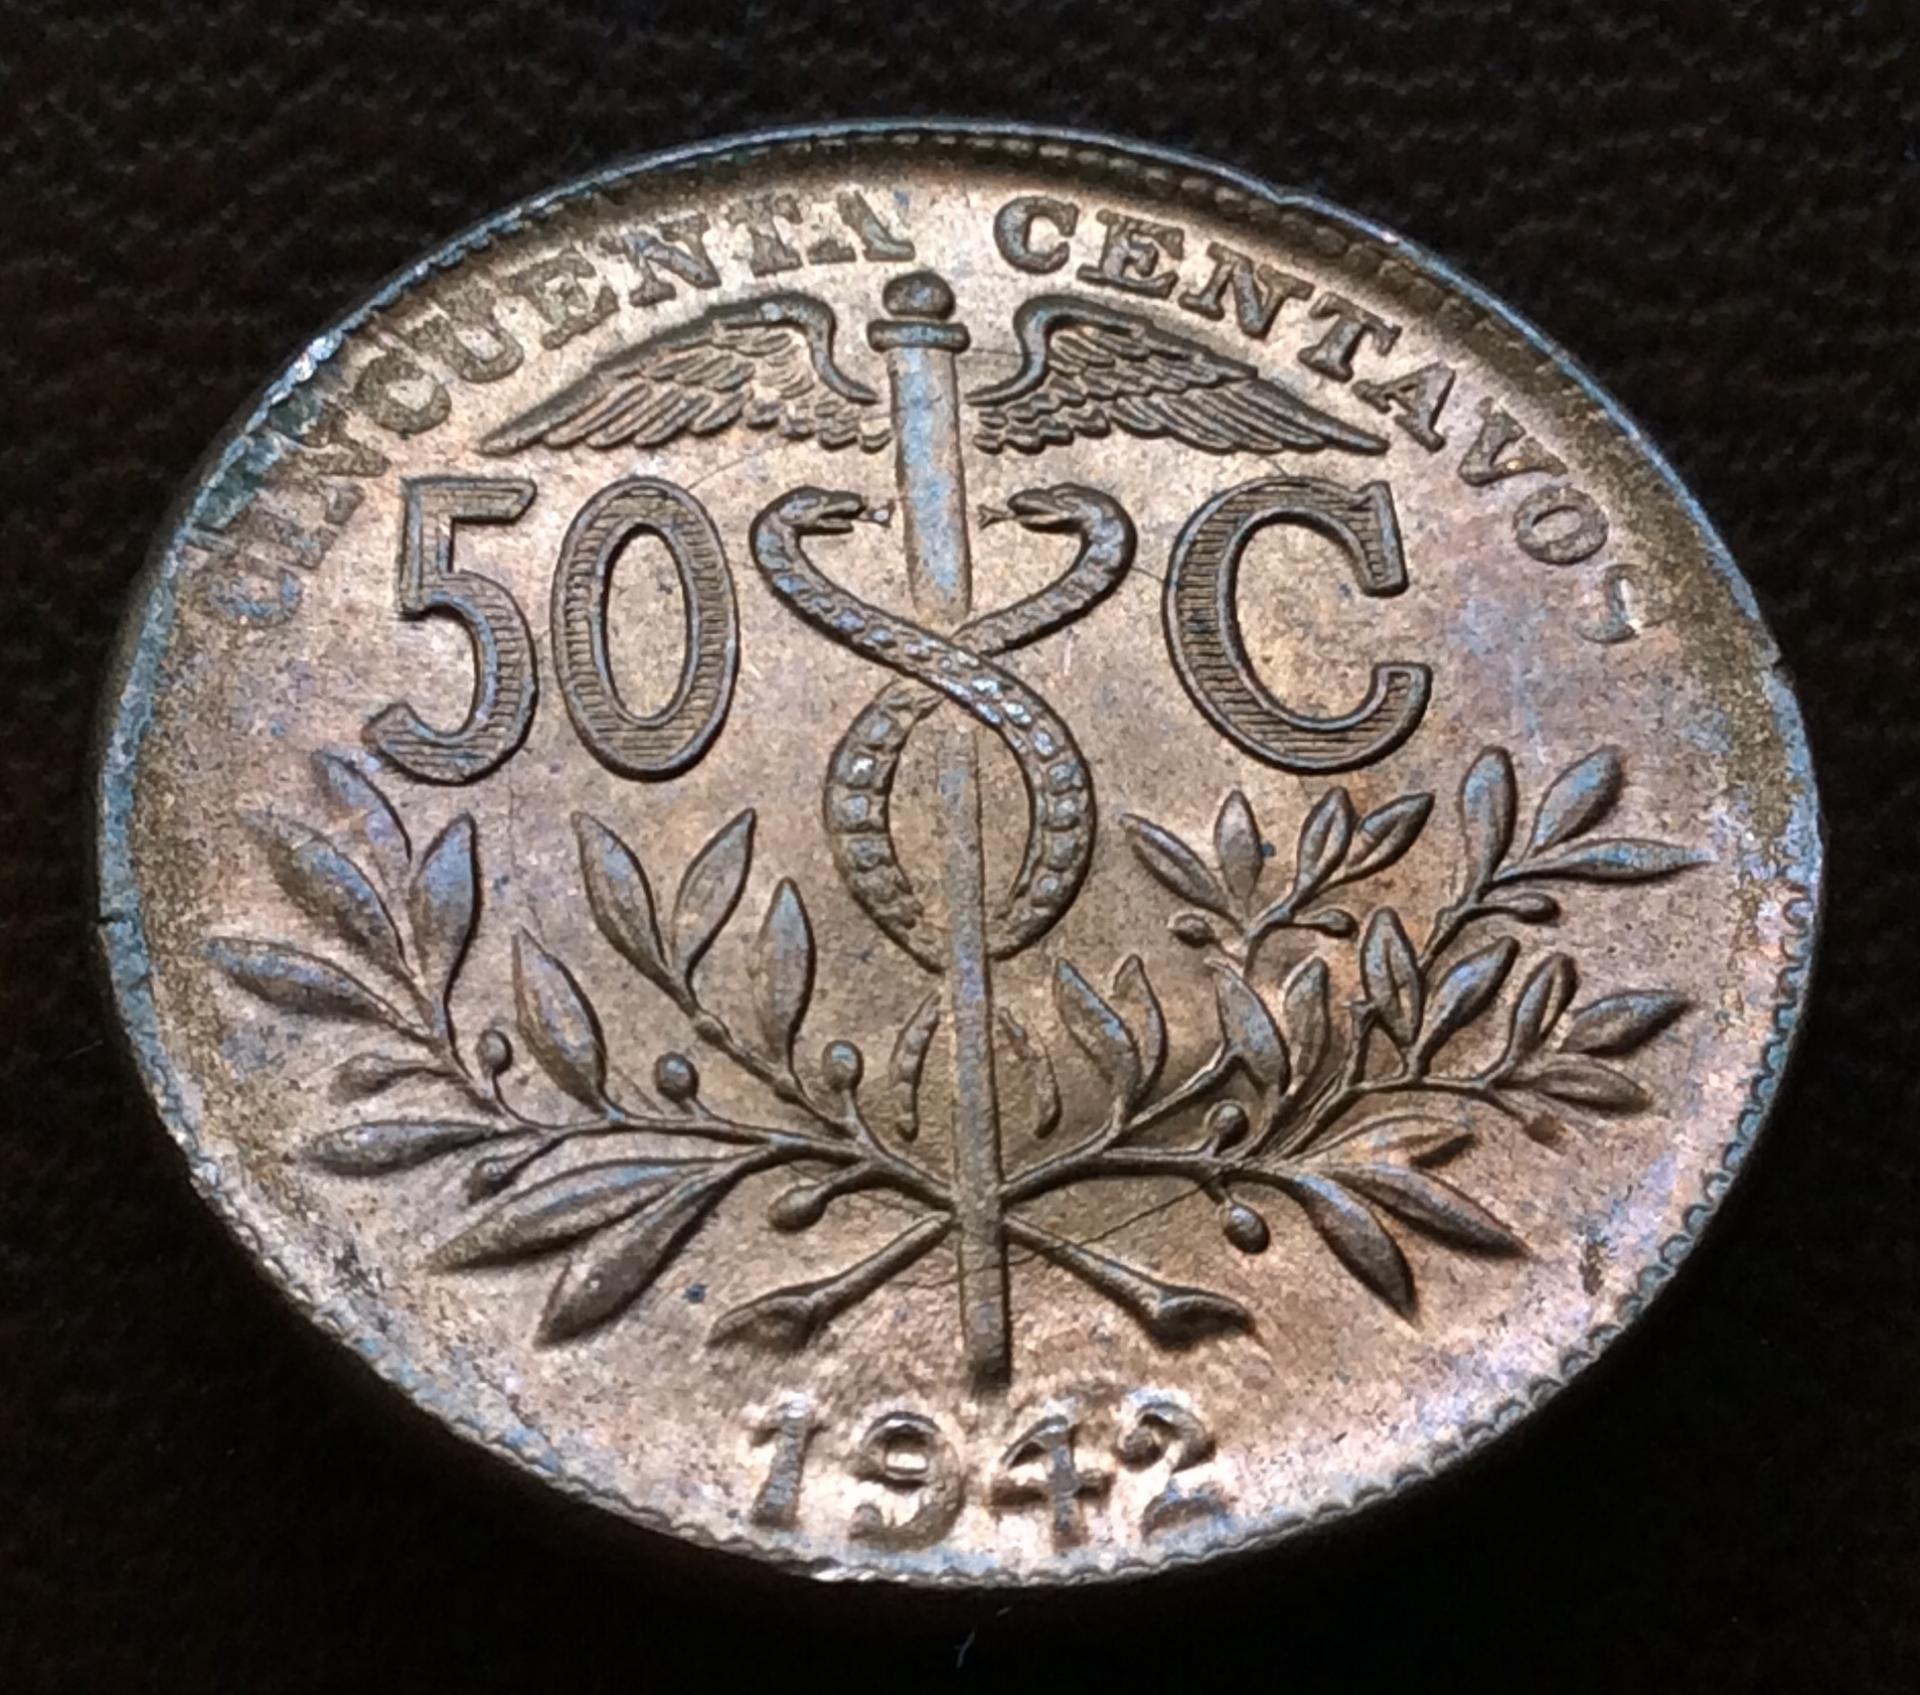 50 CÉNTIMOS DE 1942 - REPUBLICA DE BOLIVIA